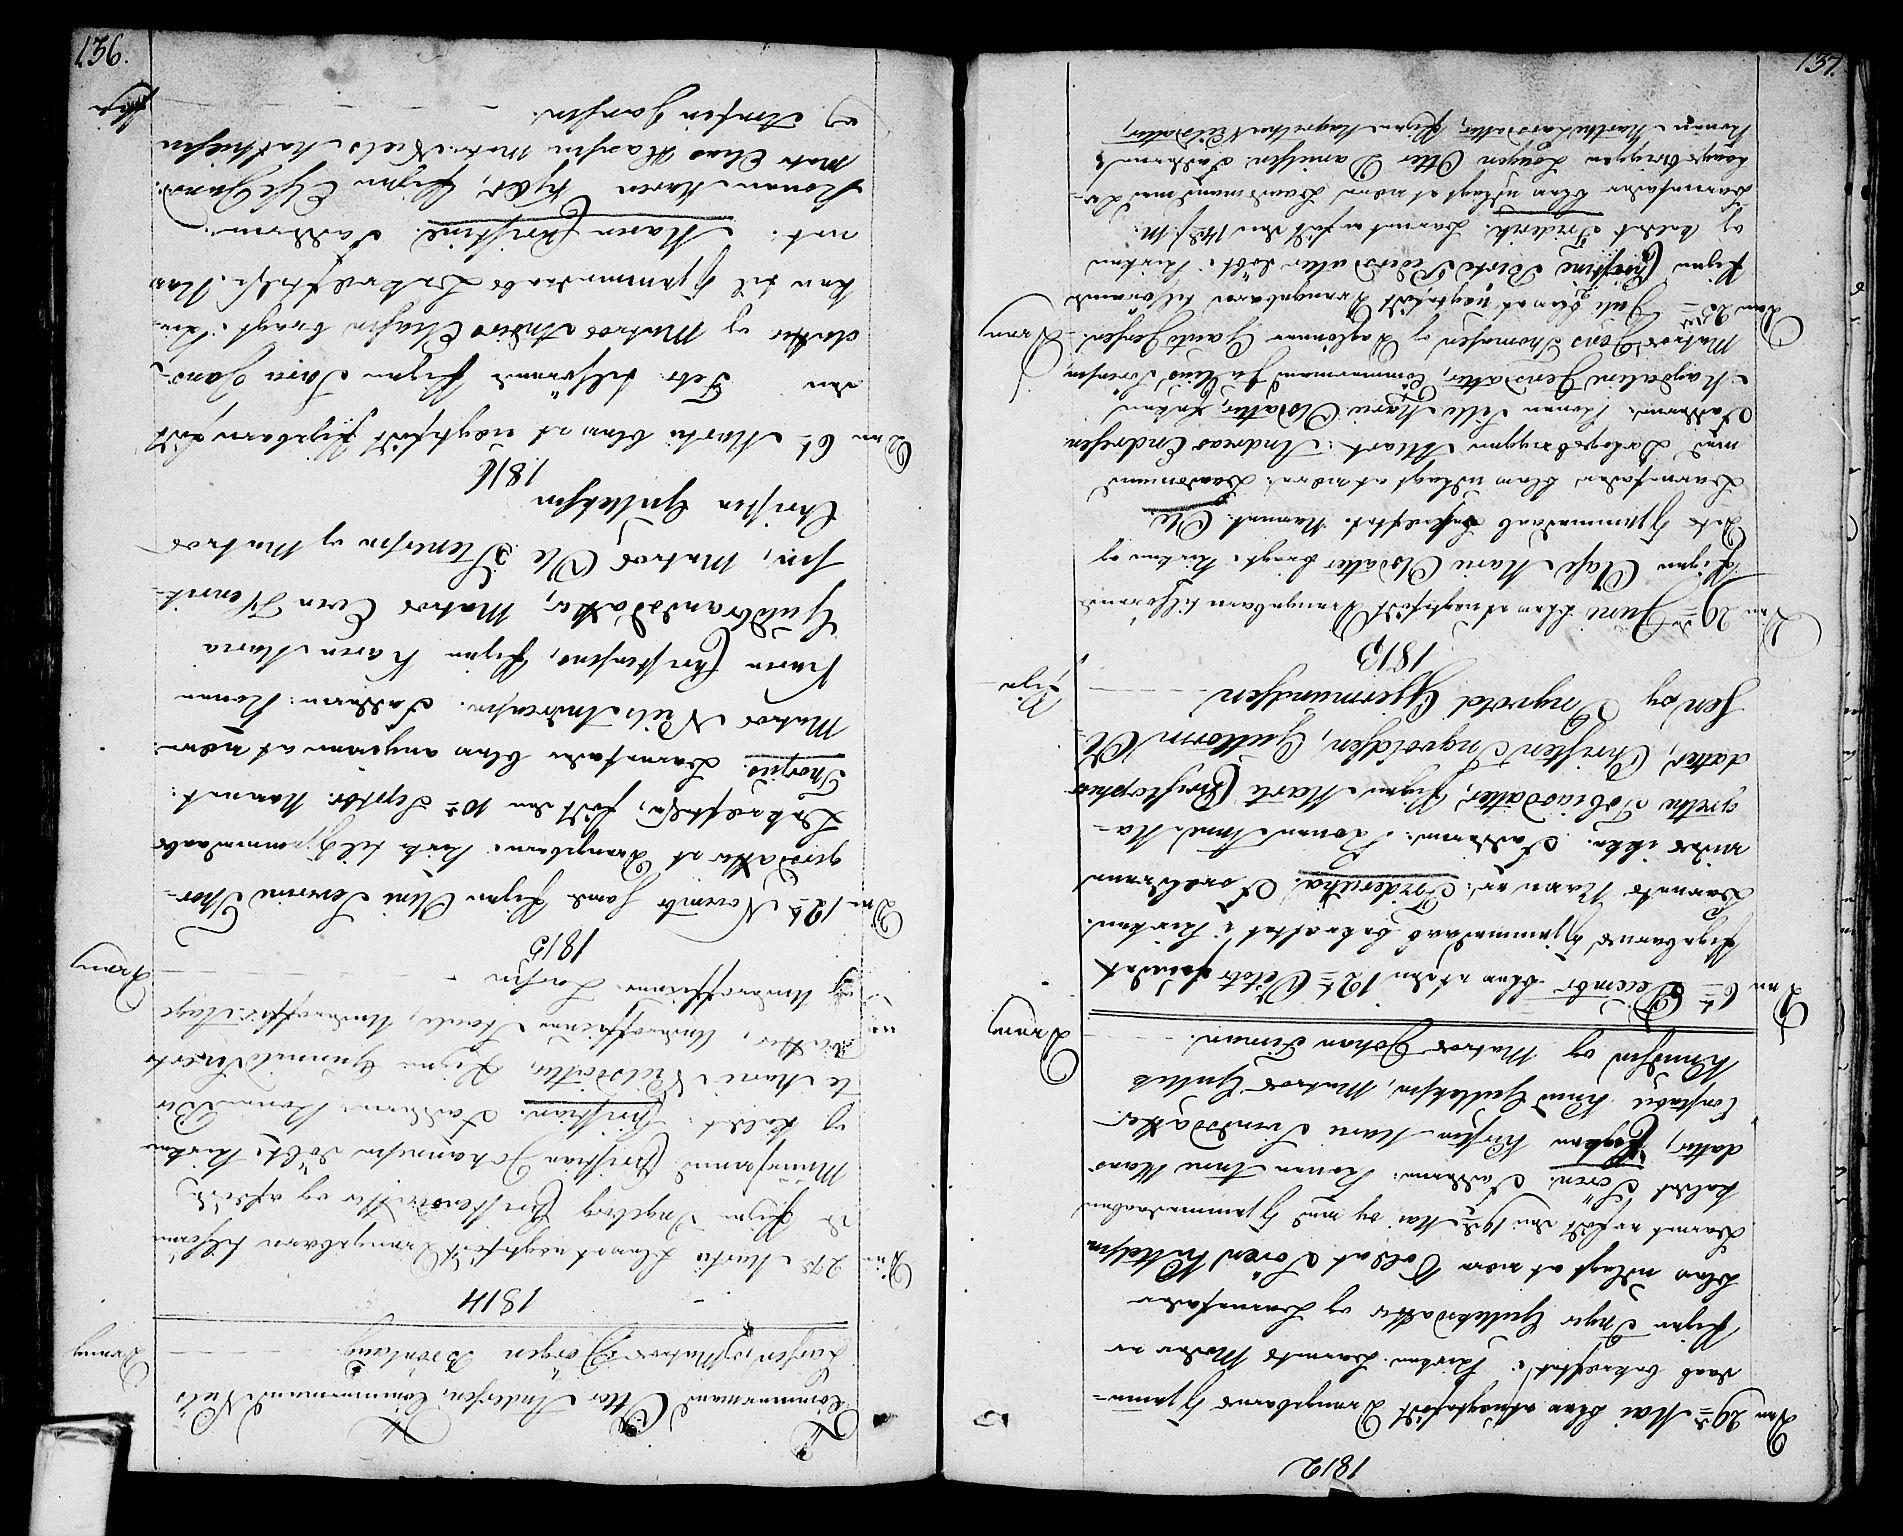 SAKO, Stavern kirkebøker, F/Fa/L0004: Ministerialbok nr. 4, 1809-1816, s. 136-137